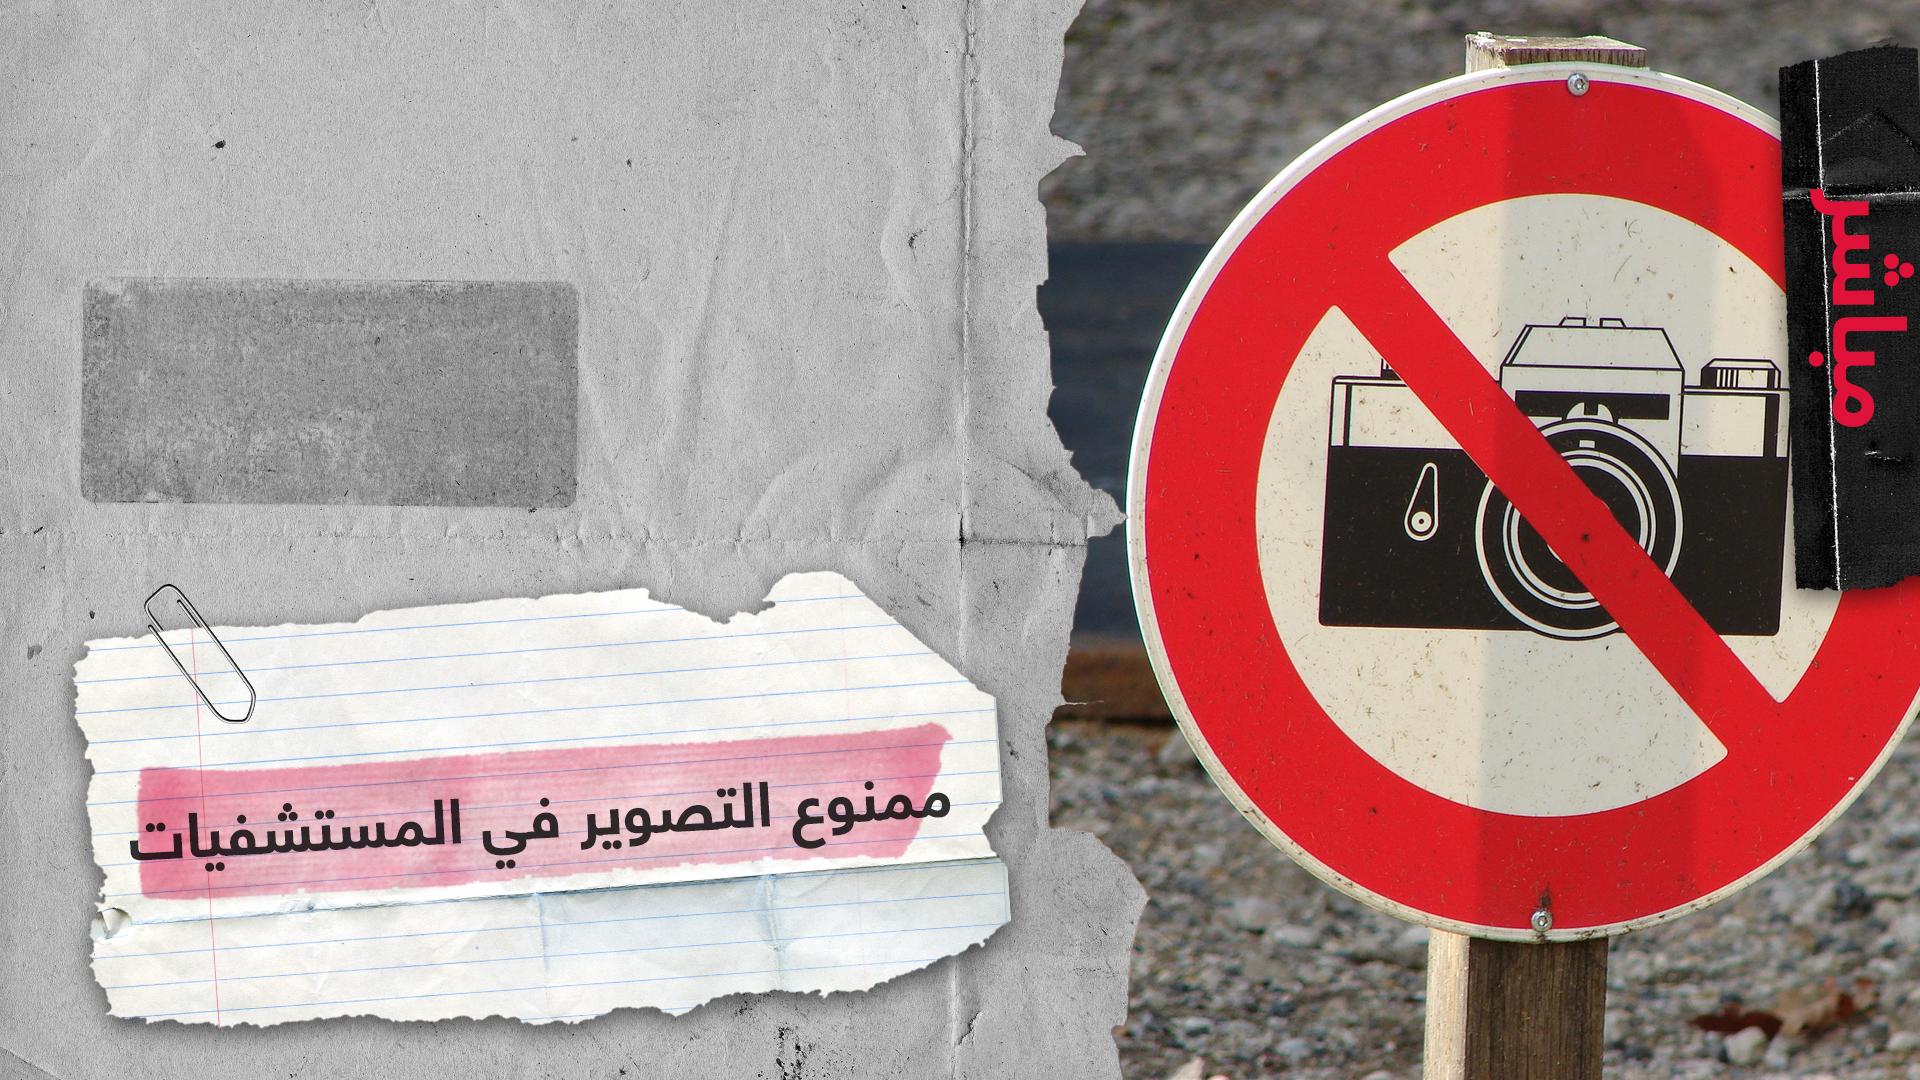 توقيف مغنية جزائرية وشابين آخرين بدعوى نشر صور مغرضة للمستشفيات